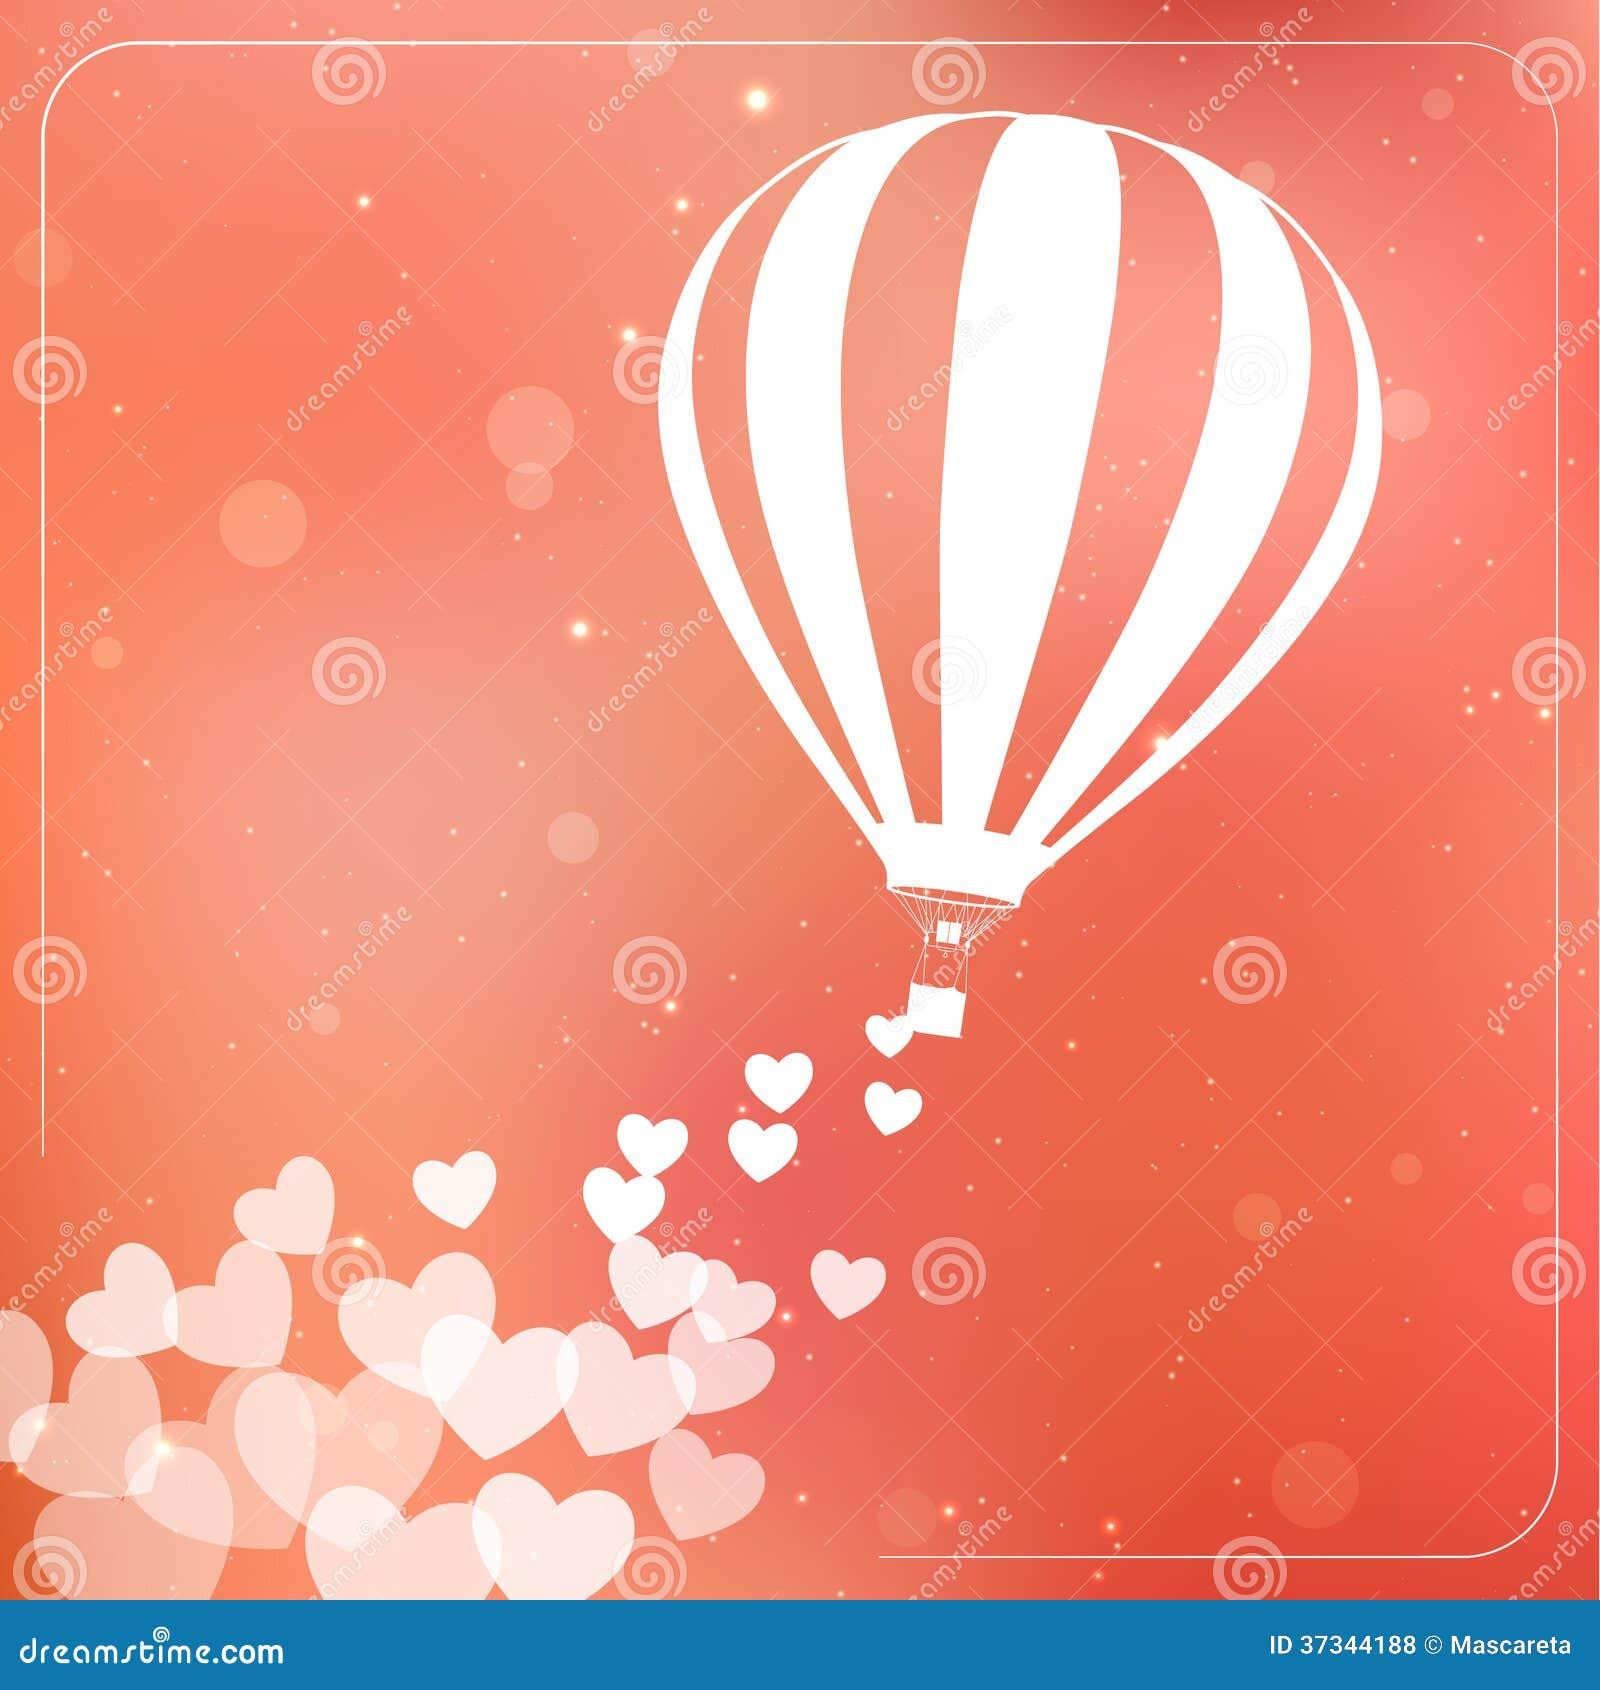 Ballong för varm luft med flyghjärtor. Romantiker